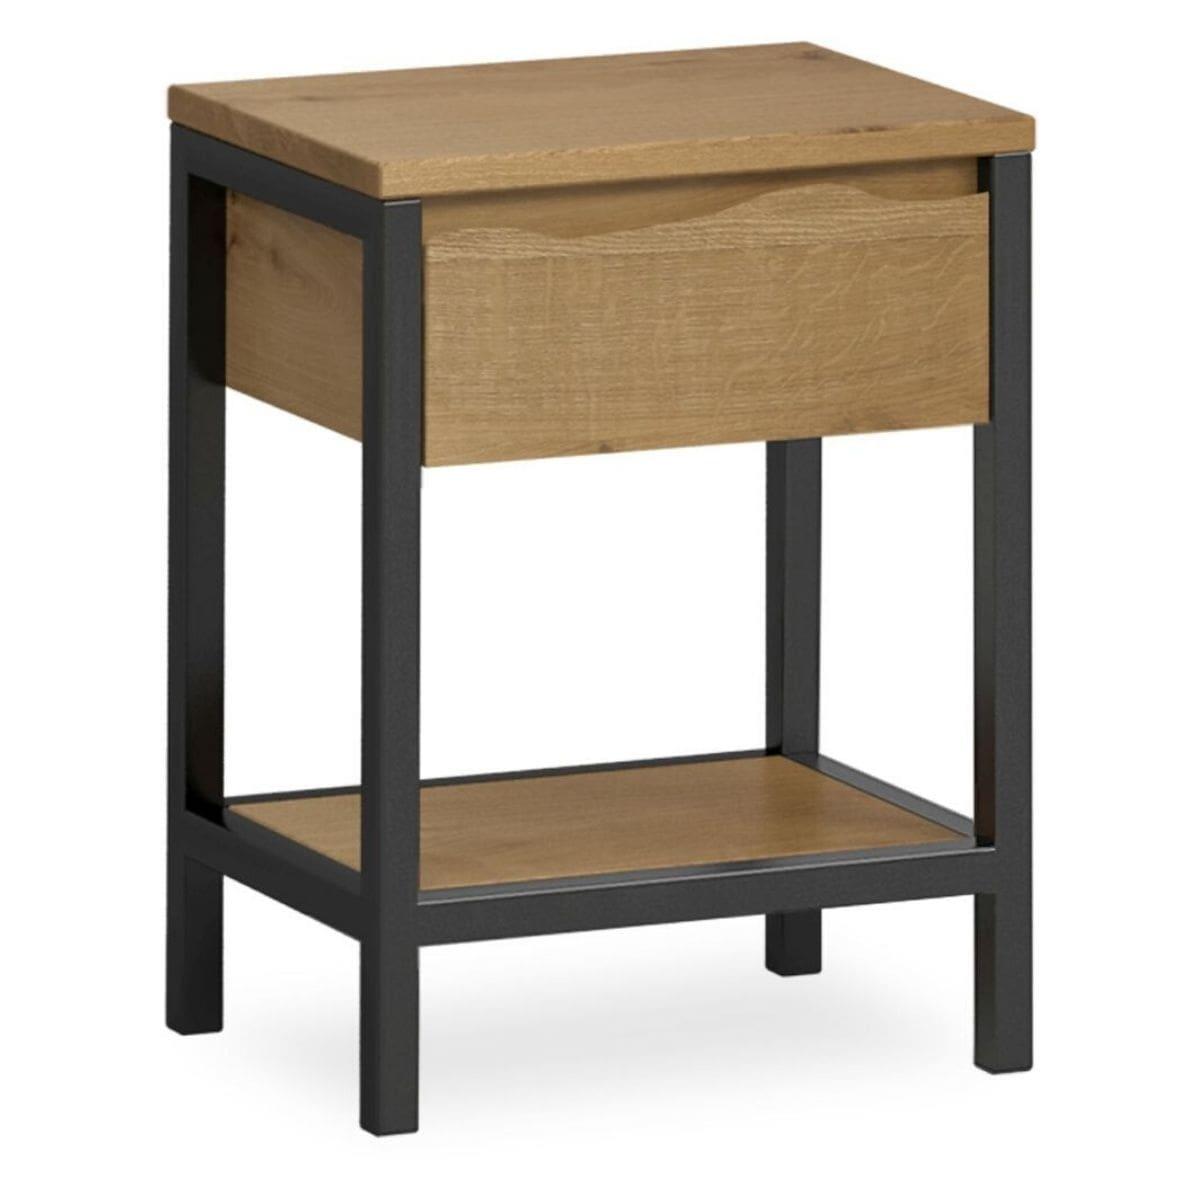 Heatherfield Oak and Metal Bedside Table